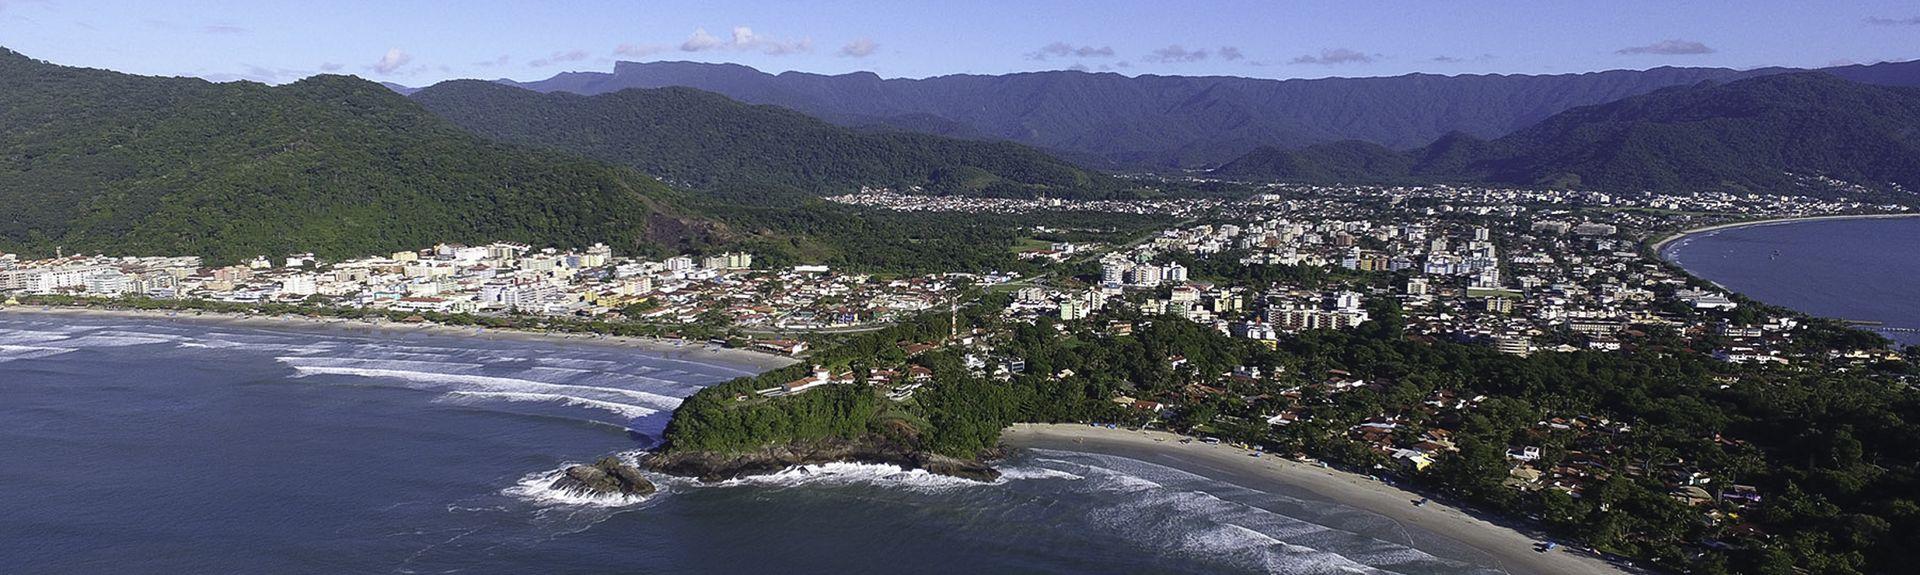 Praia Grande, Ubatuba, San Pablo (estado), Sudeste (región), Brasil